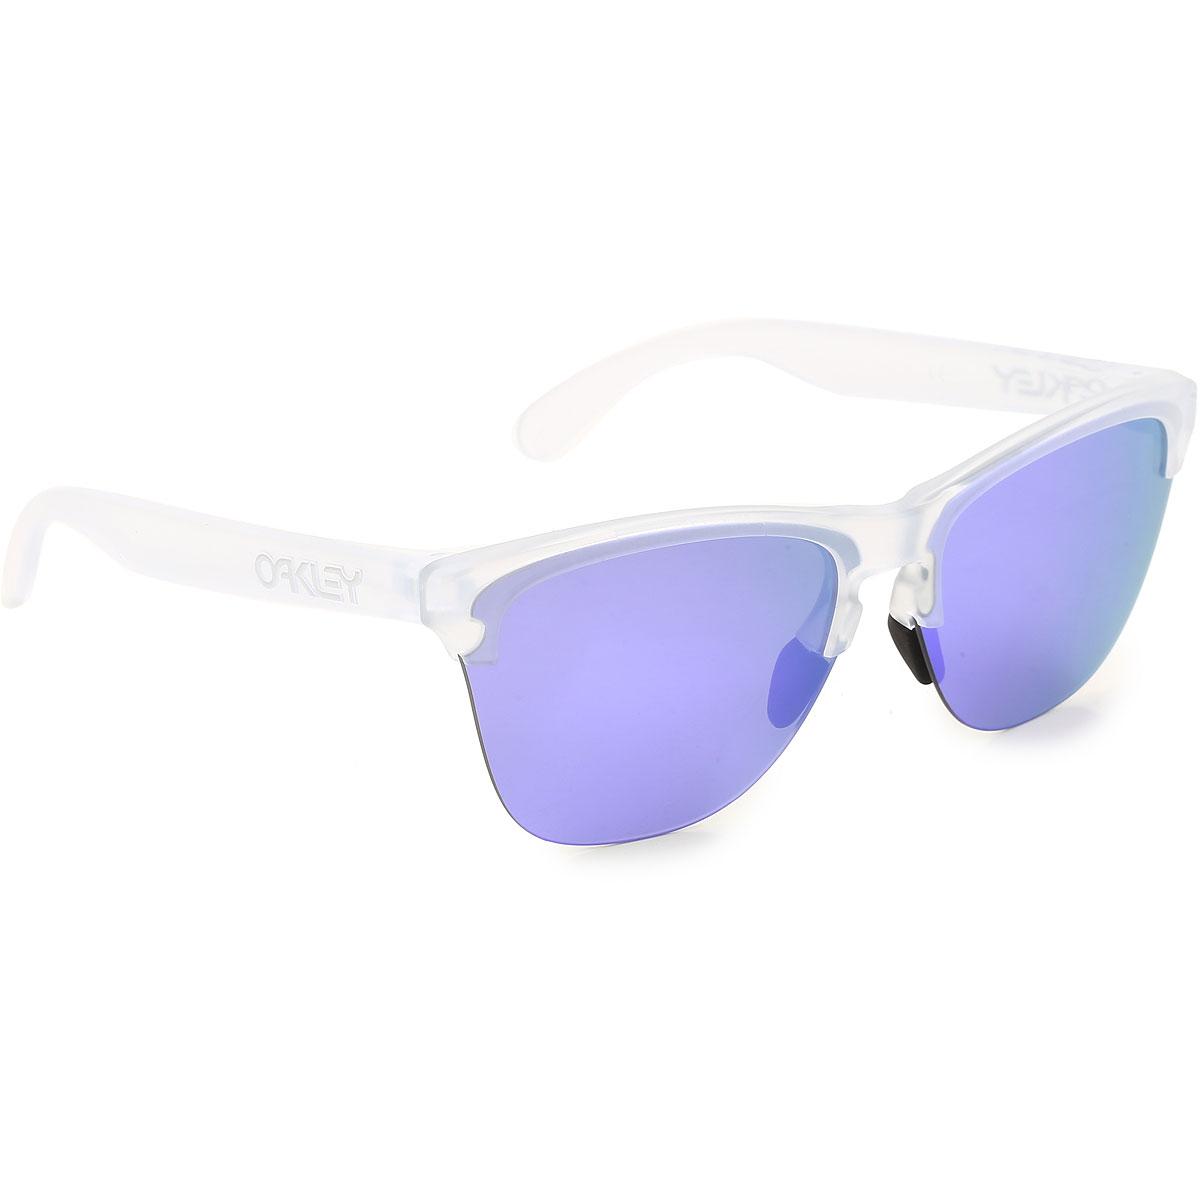 Oakley Sunglasses On Sale, Matte Crystal, 2019